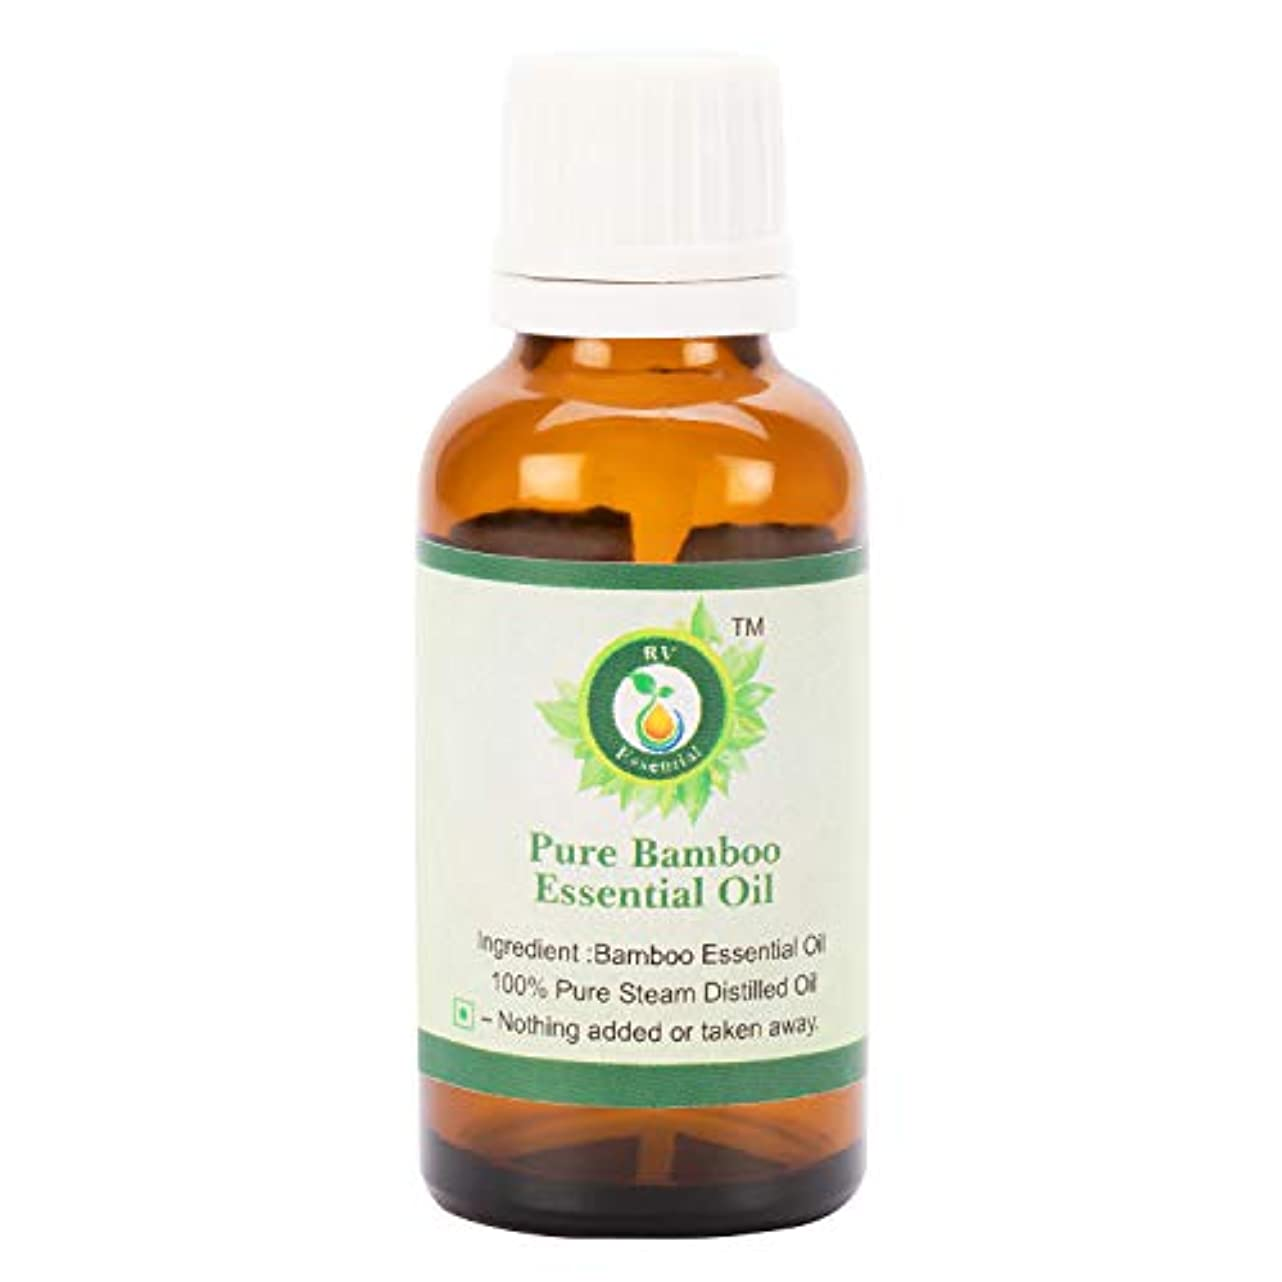 第二症候群エラーピュア竹エッセンシャルオイル5ml (0.169oz)- (100%純粋&天然スチームDistilled) Pure Bamboo Essential Oil